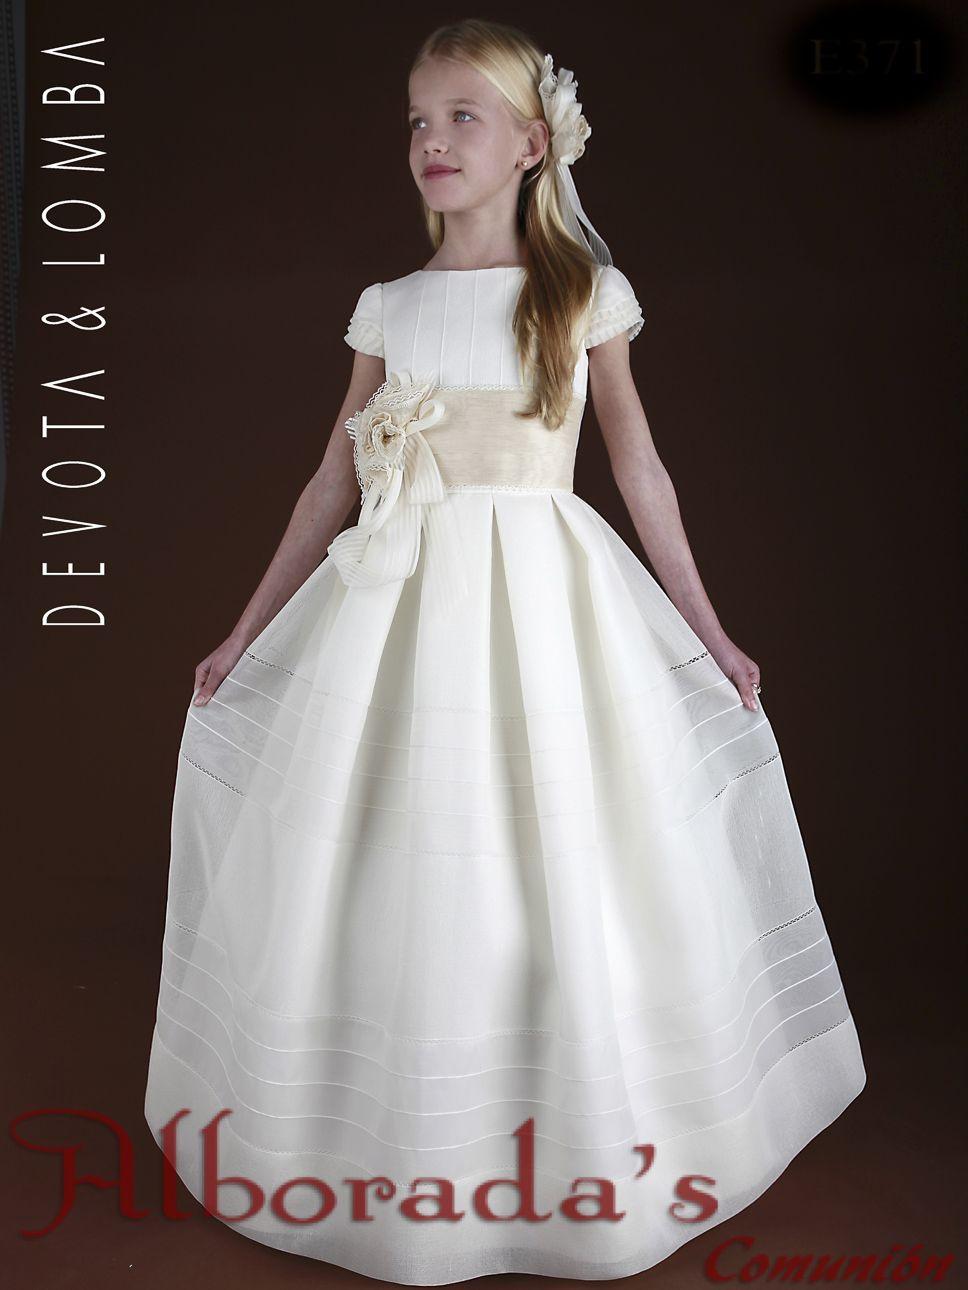 Colección Devota Y Lomba 2015 Alborada S Vestidos De Comunion Y Flamenca Vestidos De Comunión Vestido Floral Para Chicas Vestidos